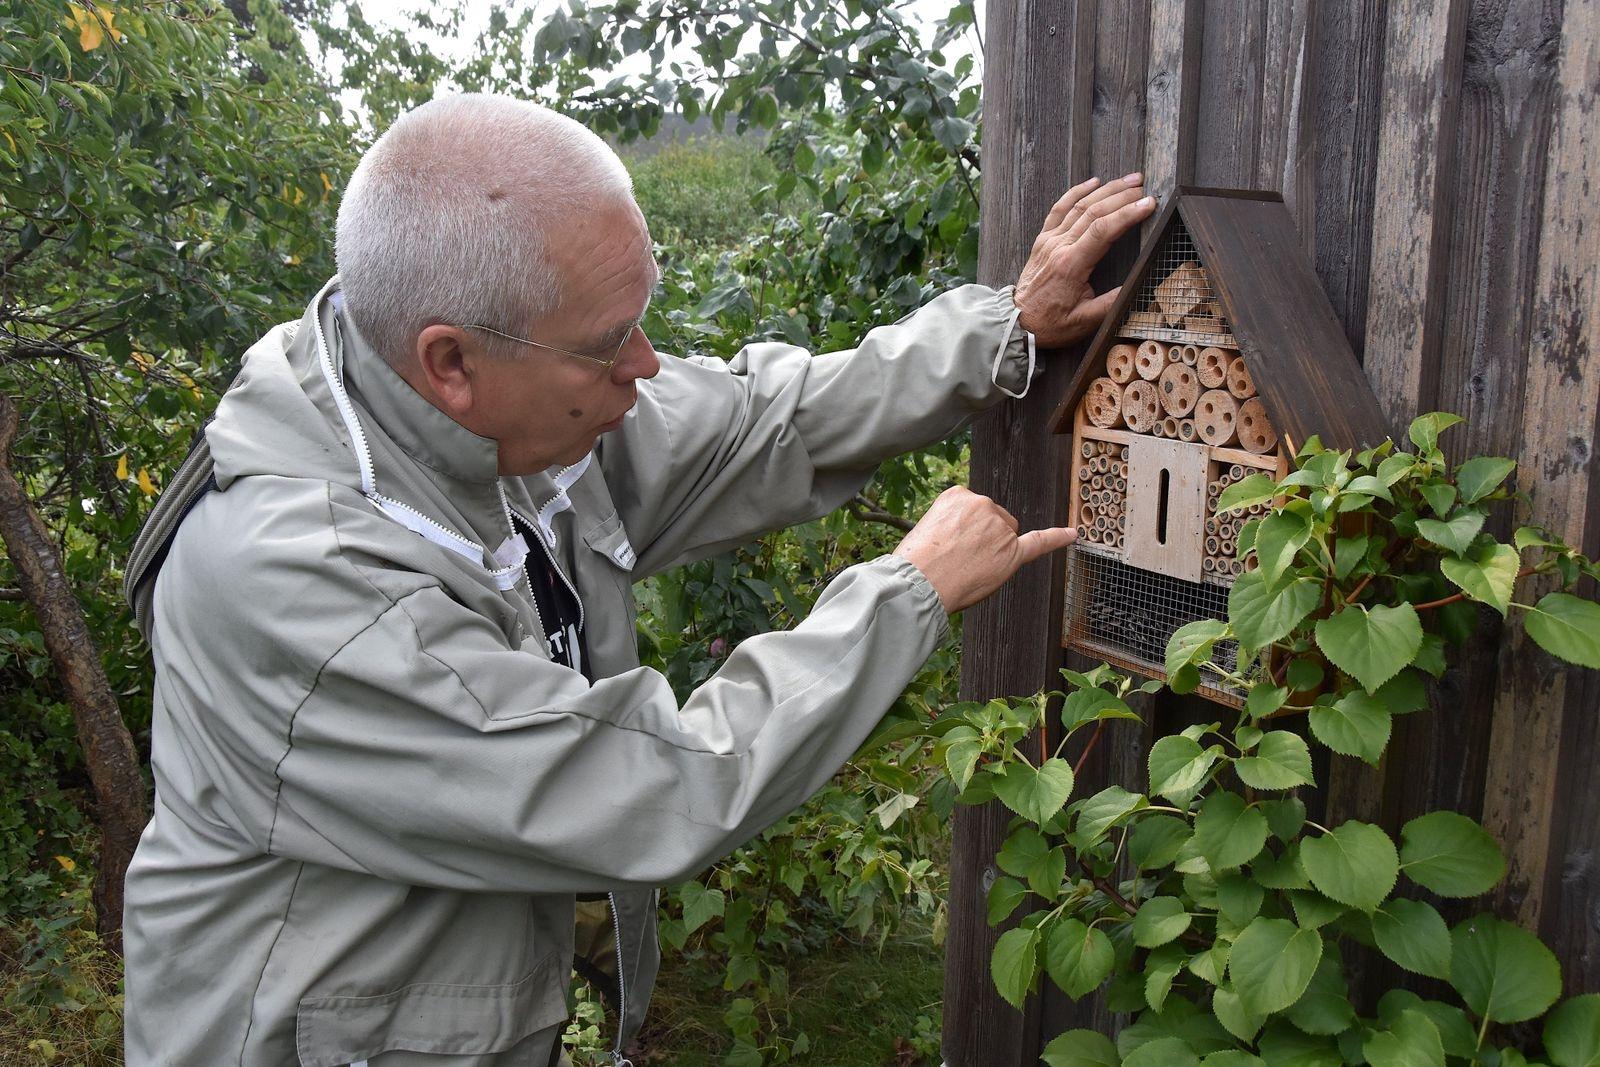 Vildbina, som det finns omkring 200 arter av i Sverige, är egentligen ännu viktigare för växtriket – och därmed allt levande på Jorden – än de odlade bina. Därför har Bo Herou också satt upp ett antal bihotell för vildbin på sin tomt.